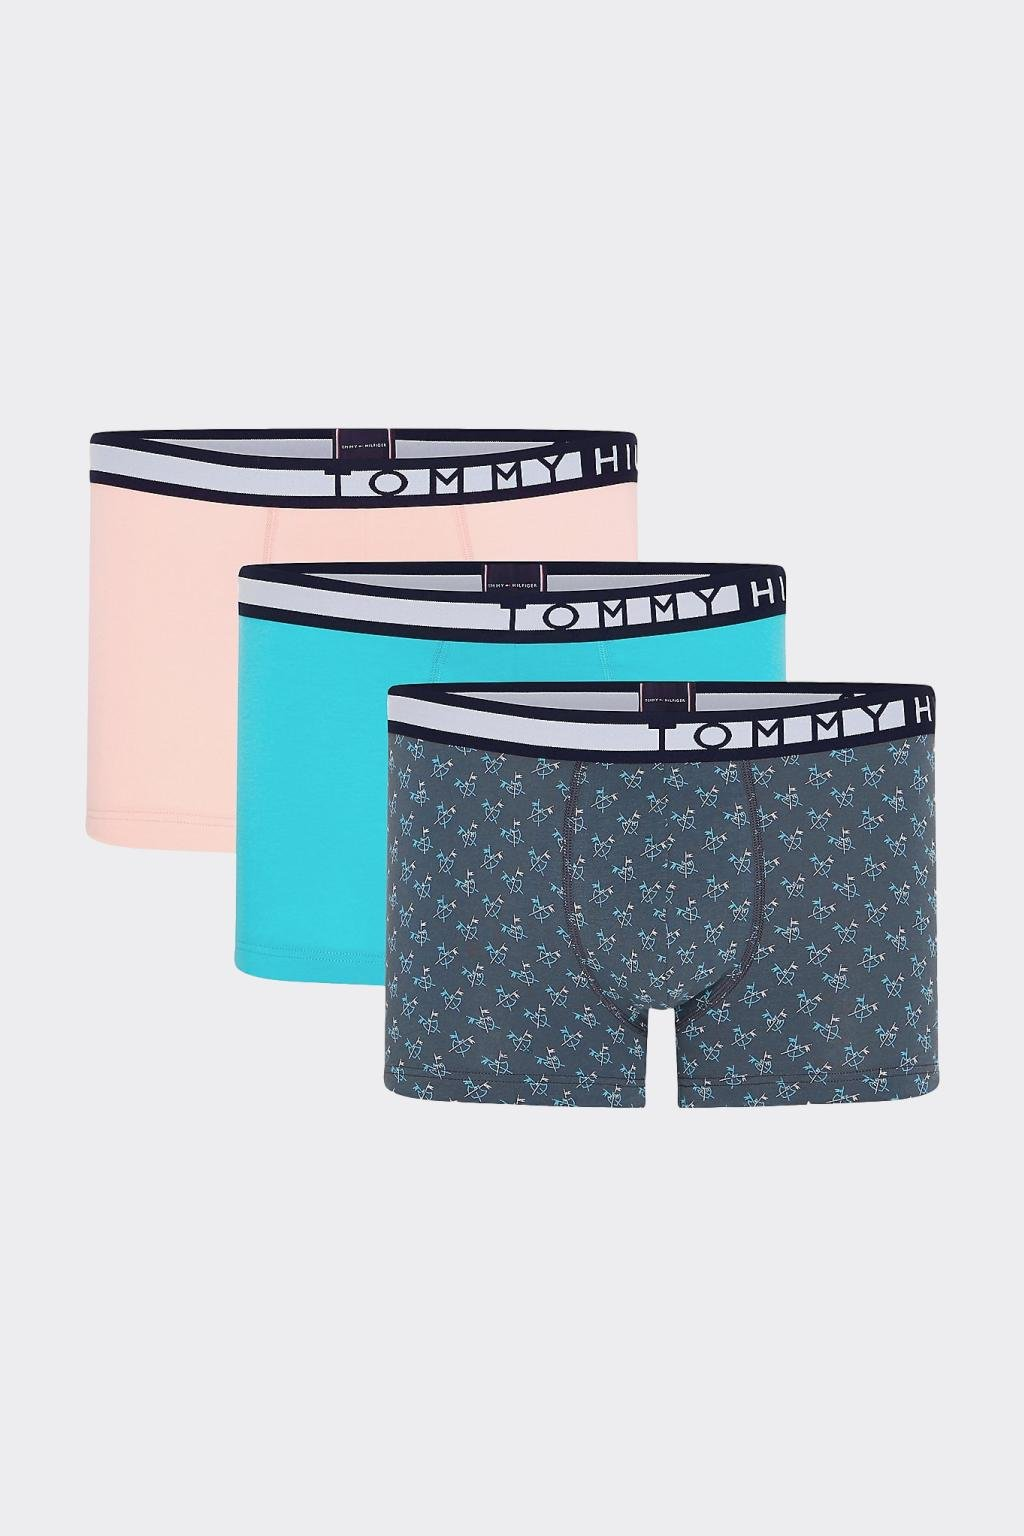 Tommy Hilfiger boxerky 3-balení - modrá, meruňková, šedá